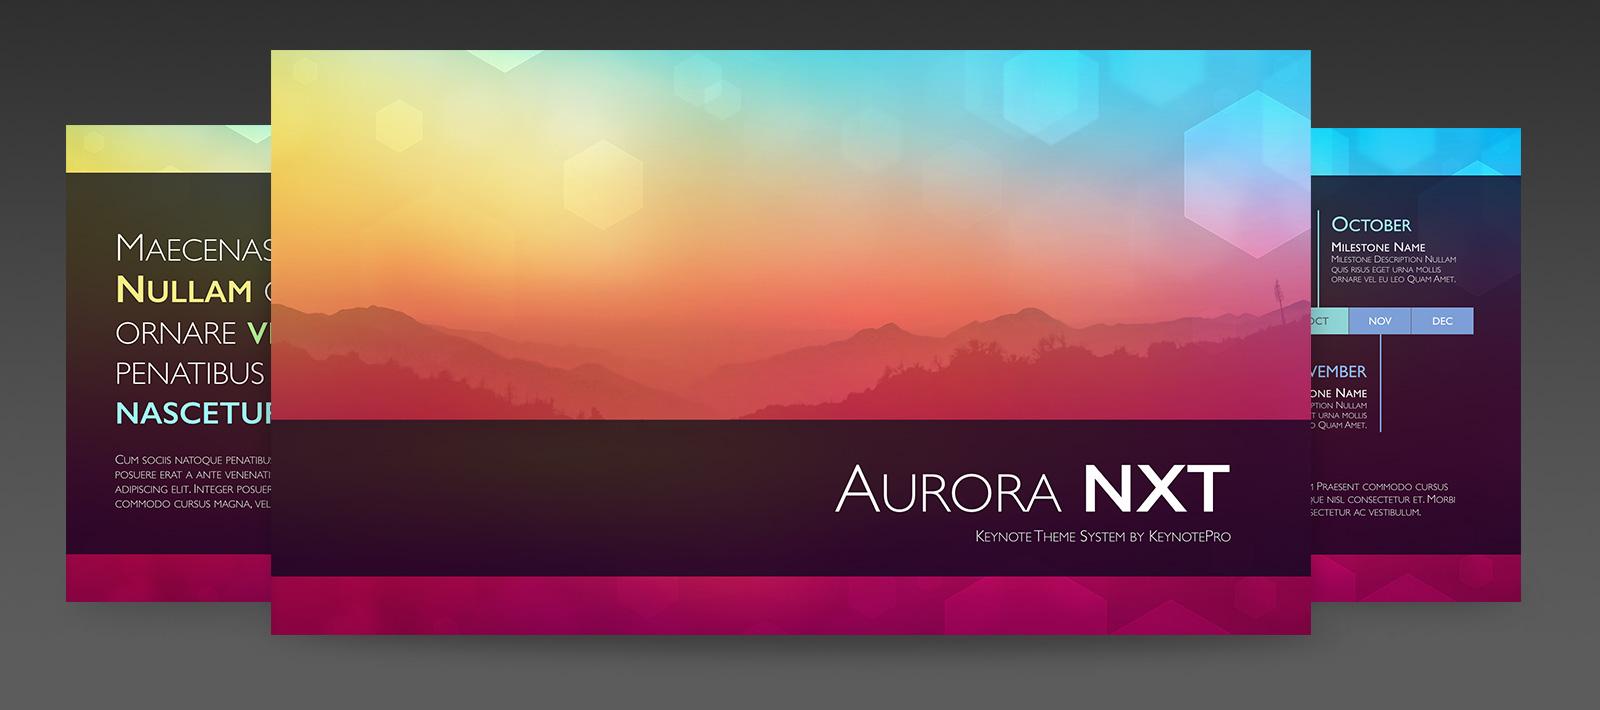 keynotepro keynote themes aurora nxt